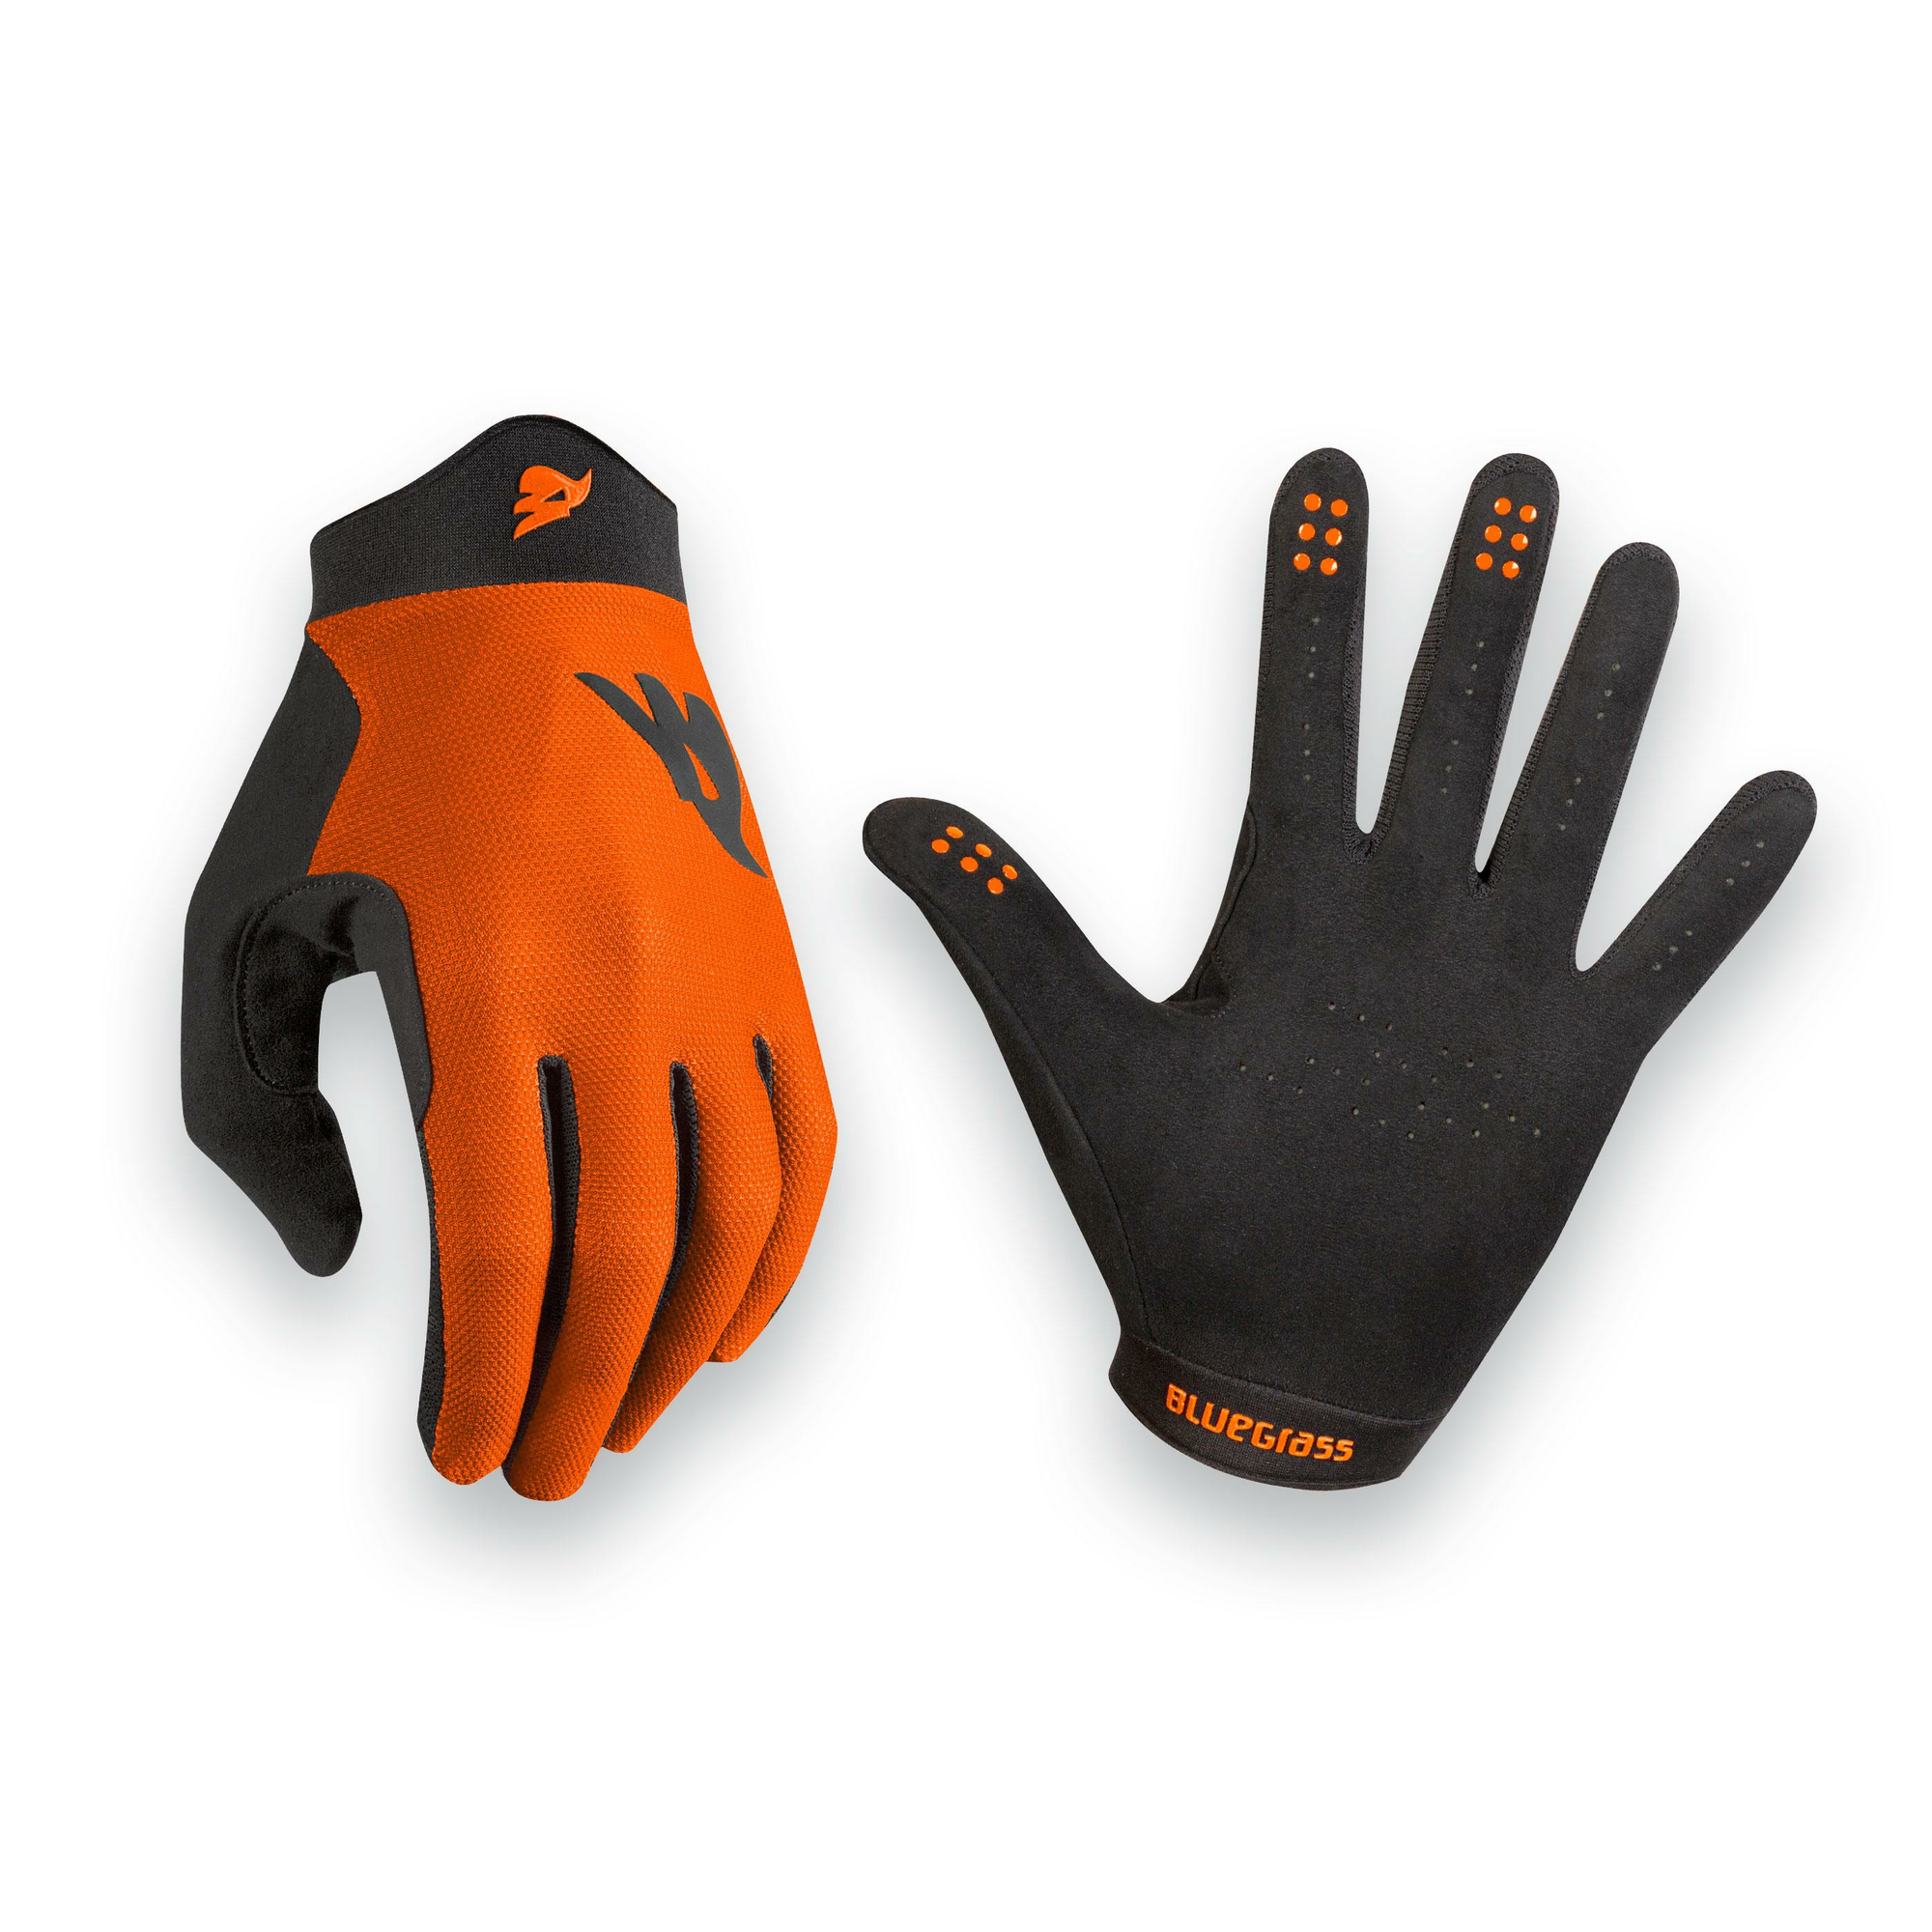 Bluegrass Union Handschuhe Orange